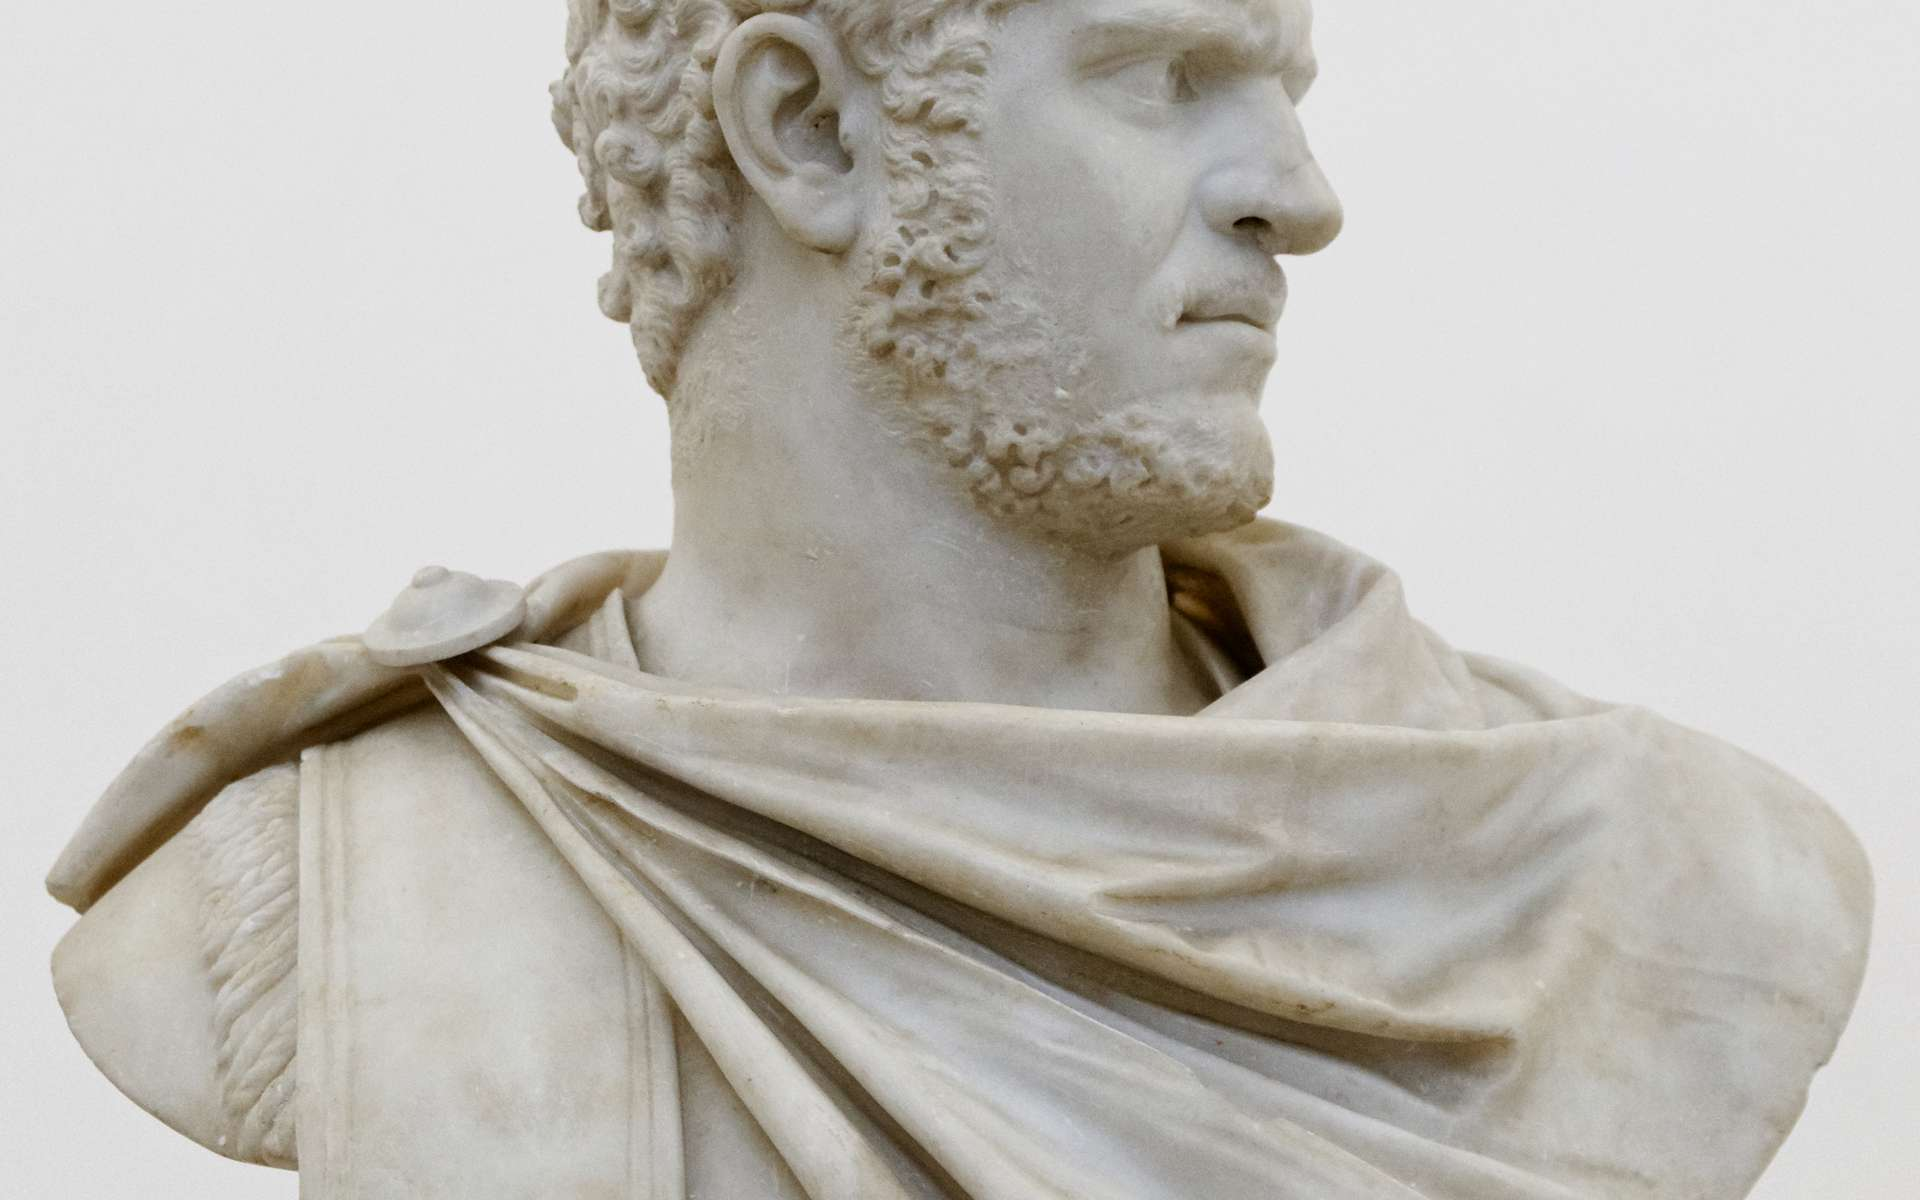 Buste de Caracalla. © Marie-Lan Nguyen, Musée national d'archéologie de Naples, Wikimedia Commons, CC by 2.5